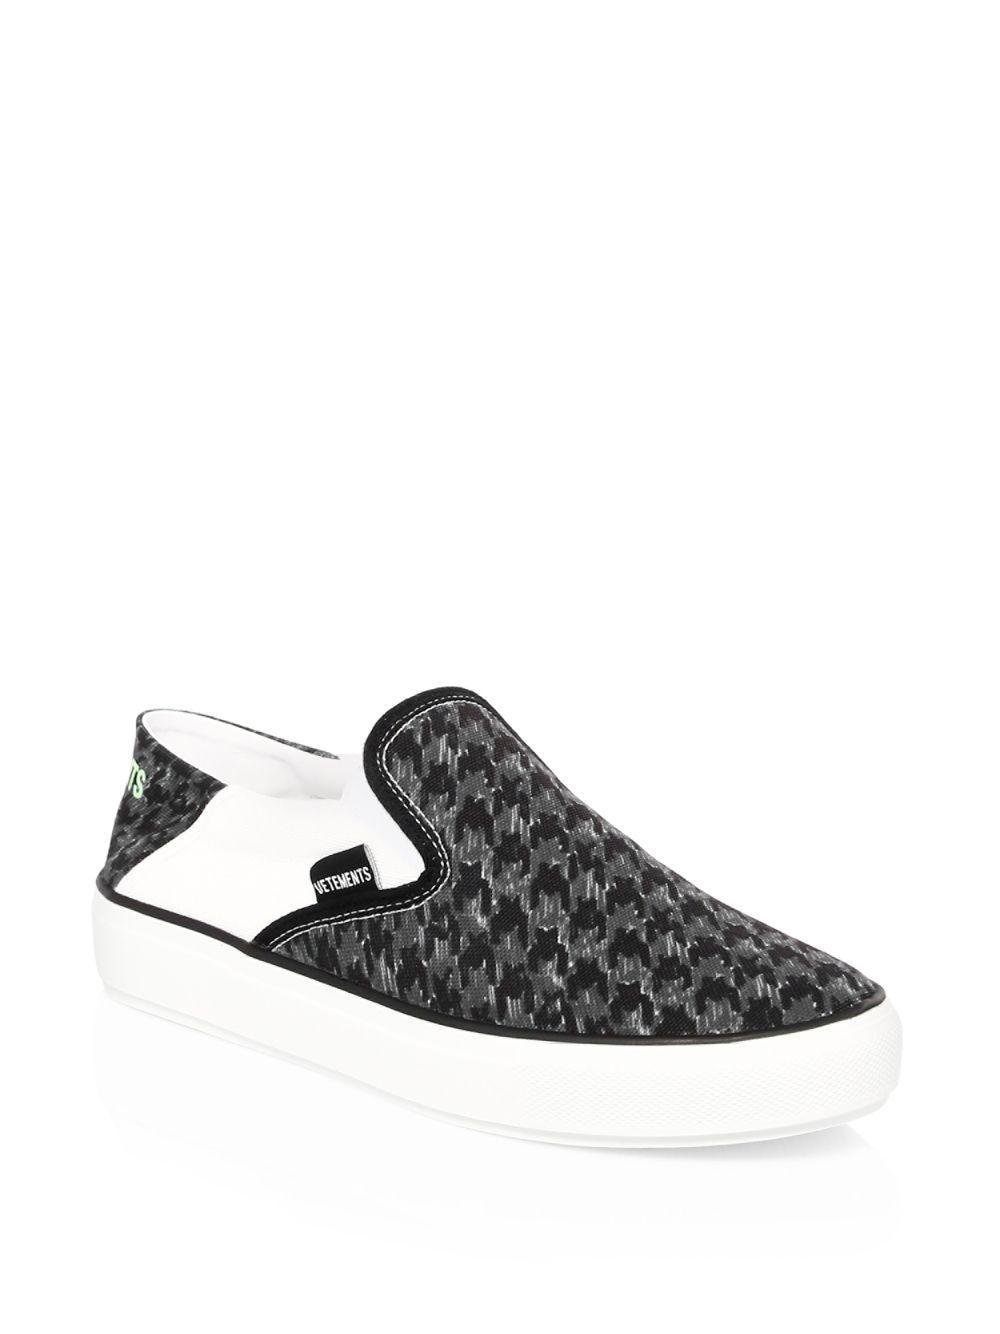 Vetements Canvas Slip-on Sneaker in